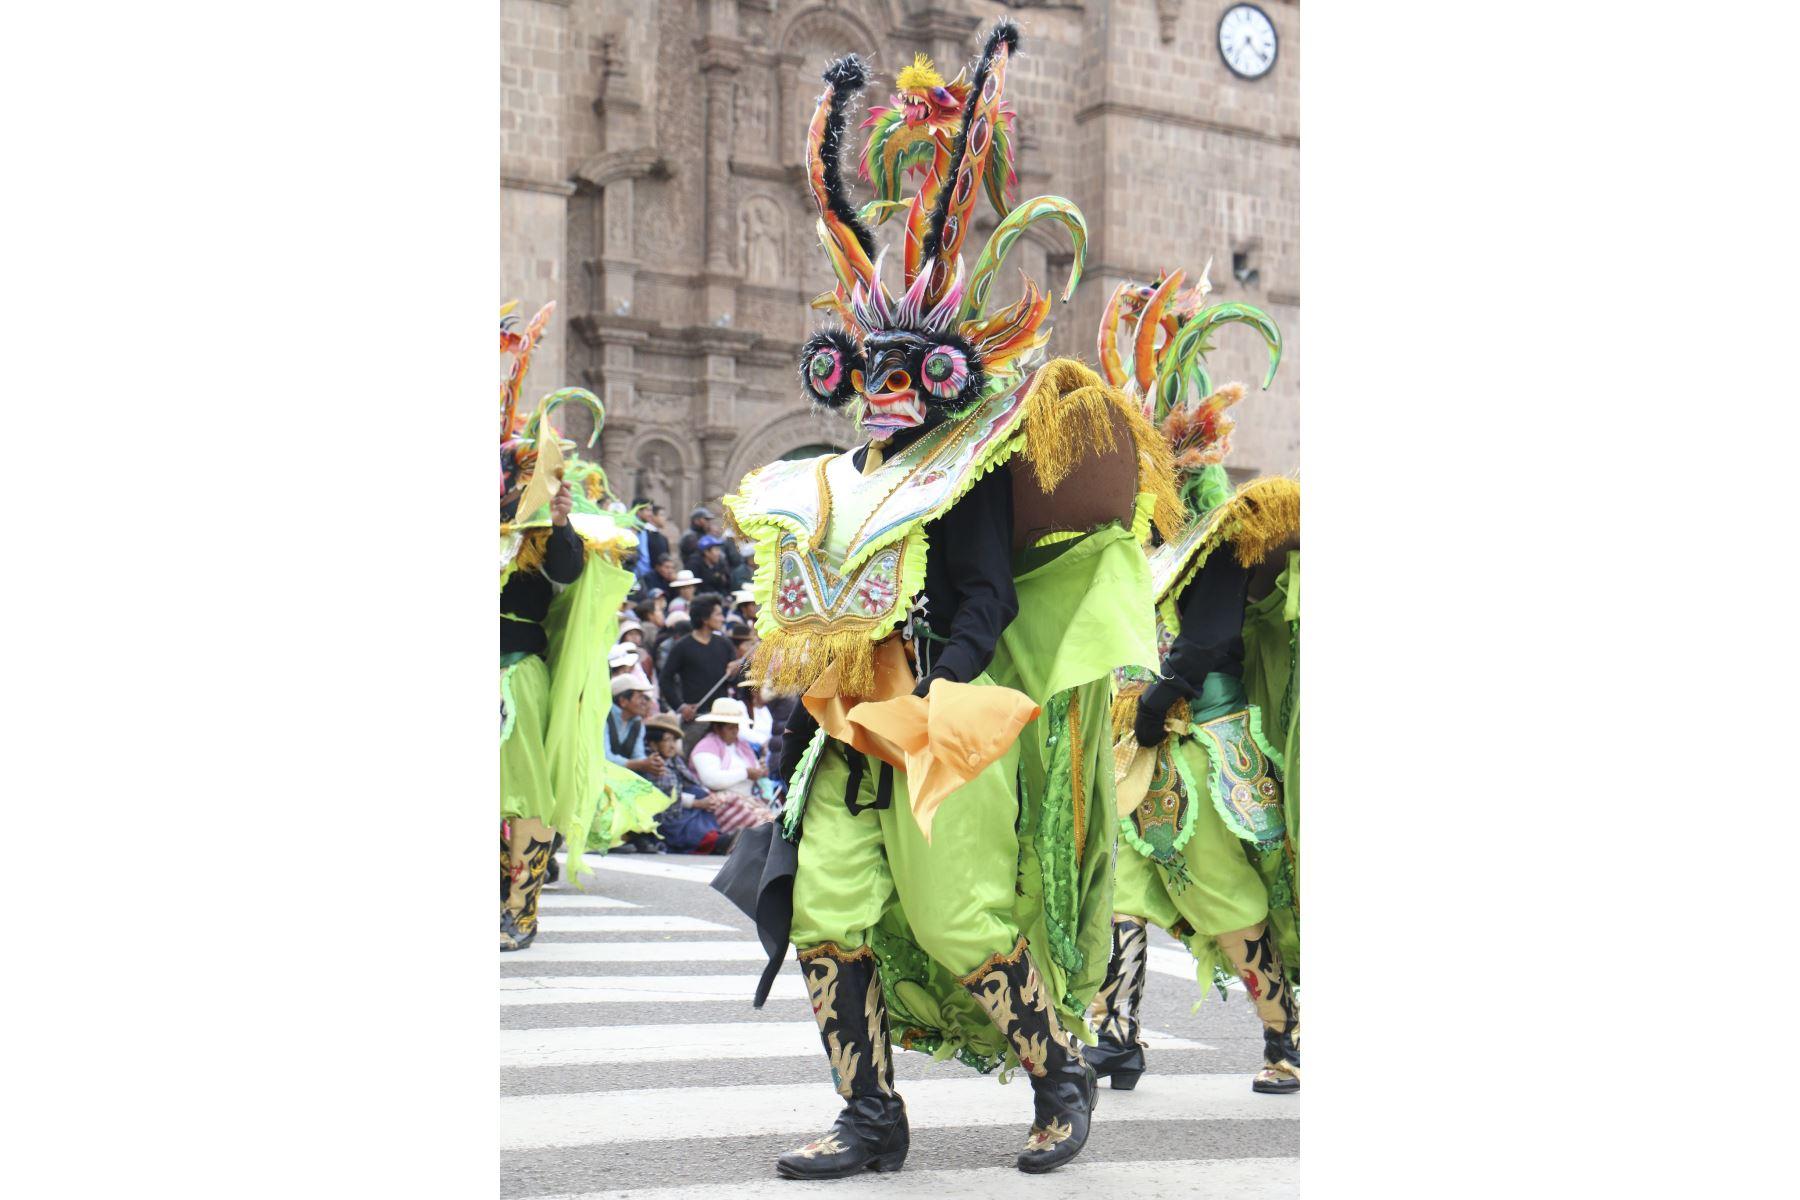 Con el fin de reconocer su trascendencia entre las expresiones artísticas y tradicionales, el Ministerio de Cultura declaró la danza Diablada Puneña como Patrimonio Cultural de la Nación, considerando la importancia que esta expresión ocupa en la identidad festiva y religiosa de la población de Puno. Foto: ANDINA/Archivo